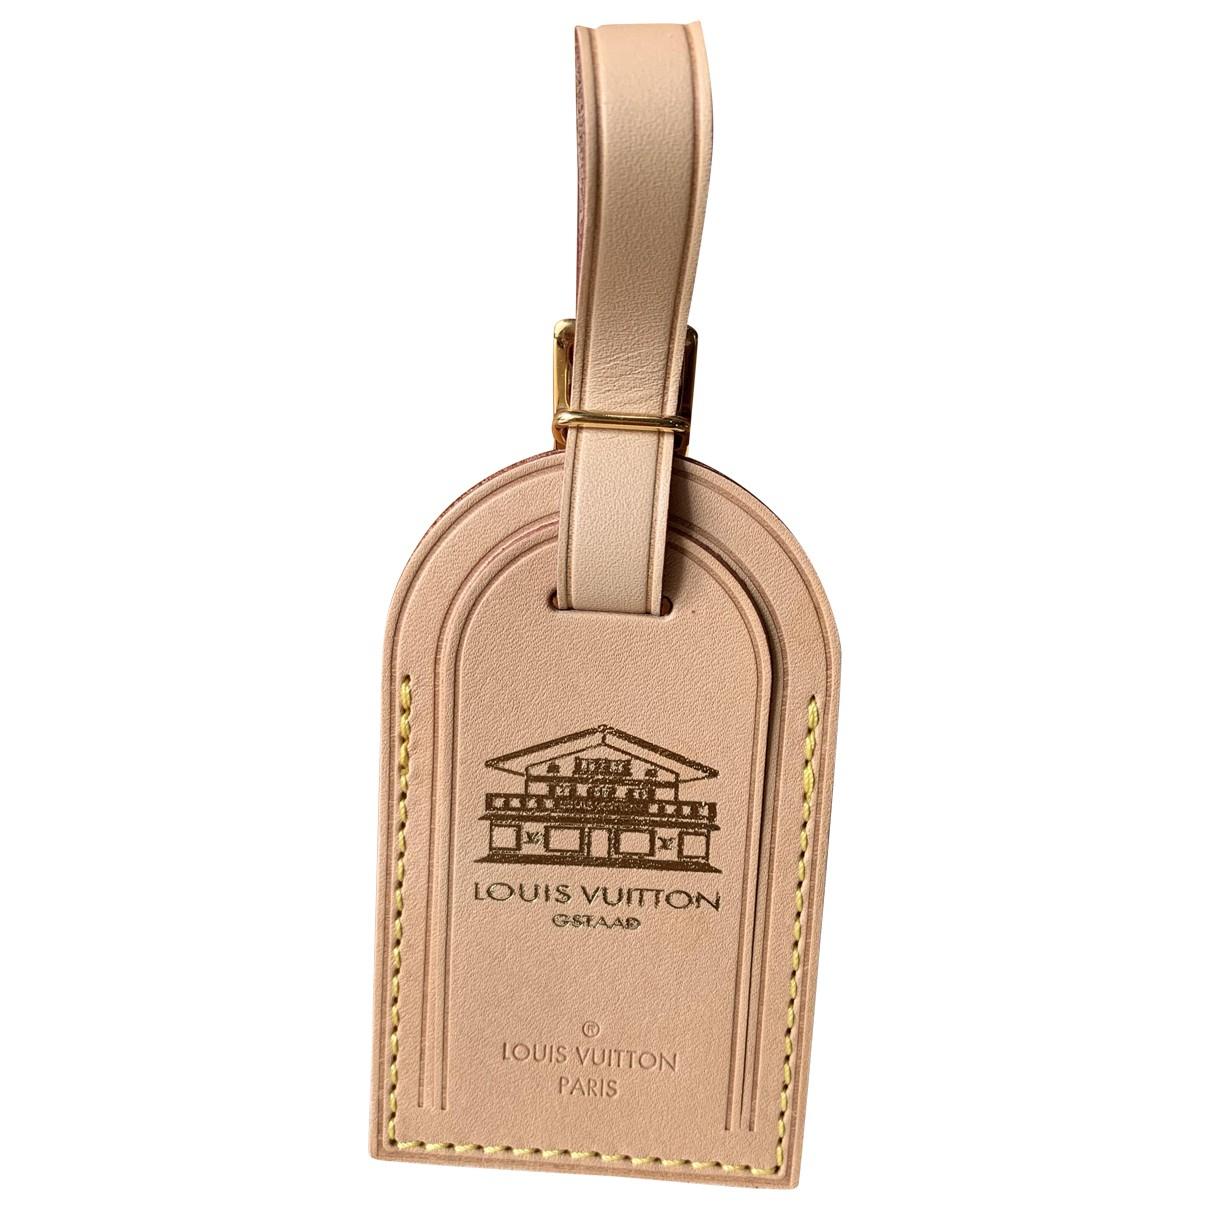 Louis Vuitton - Petite maroquinerie Porte adresse pour femme en cuir - beige